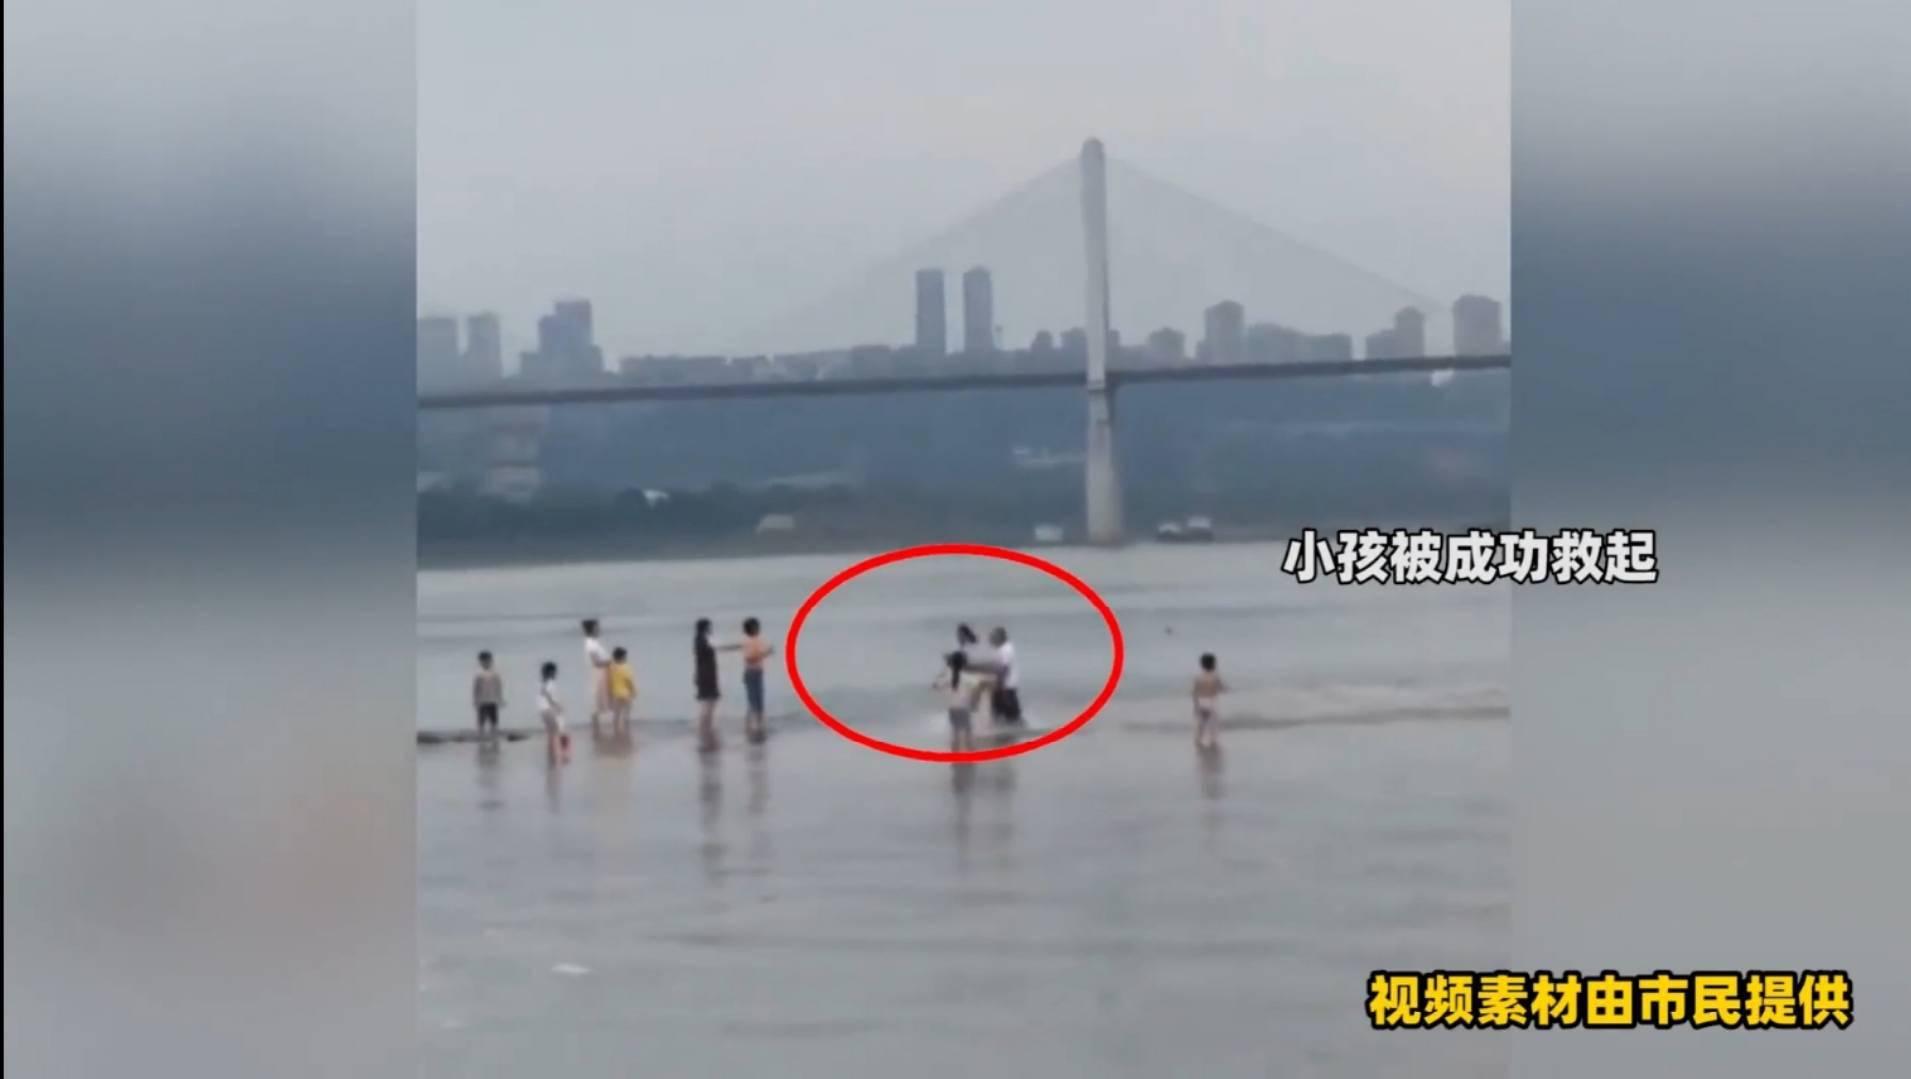 重慶救落水兒童遇難老師追悼會今晚舉行,當地正在評定見義勇為_王紅旭